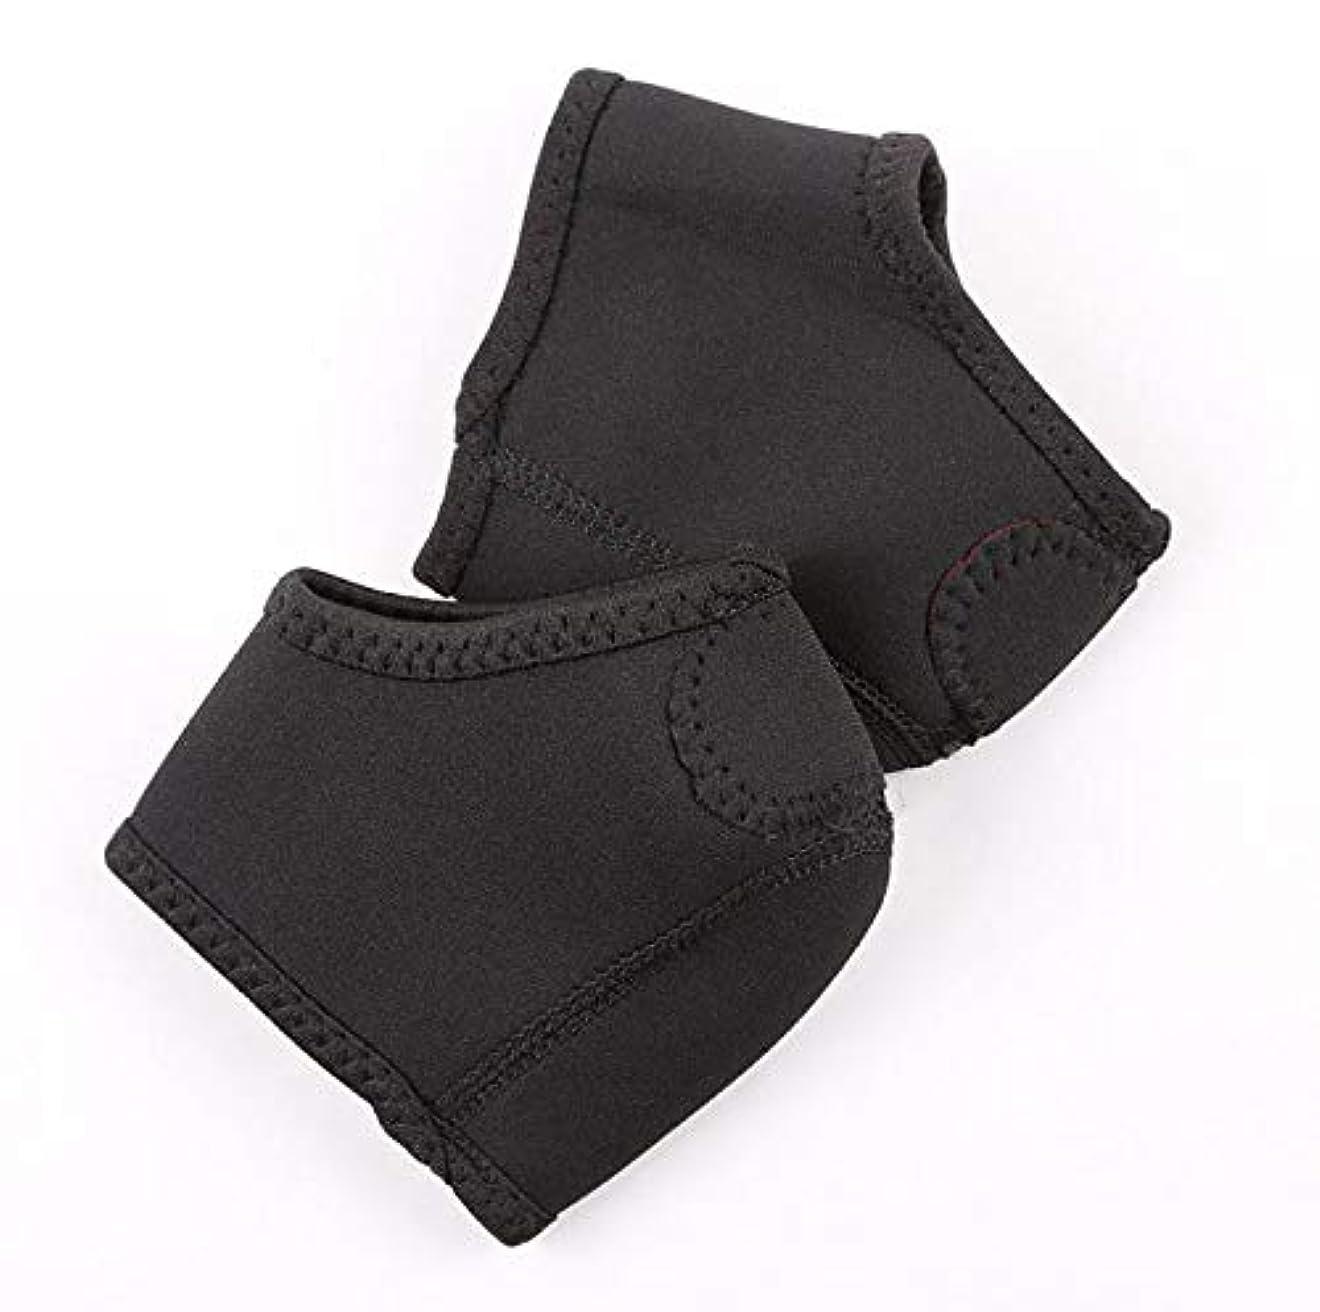 寝る洗う品種かかとケア 靴下 サポーター角質ケア 保温 防寒フリーサイズ 男 女性適用【BELSUS正規品】